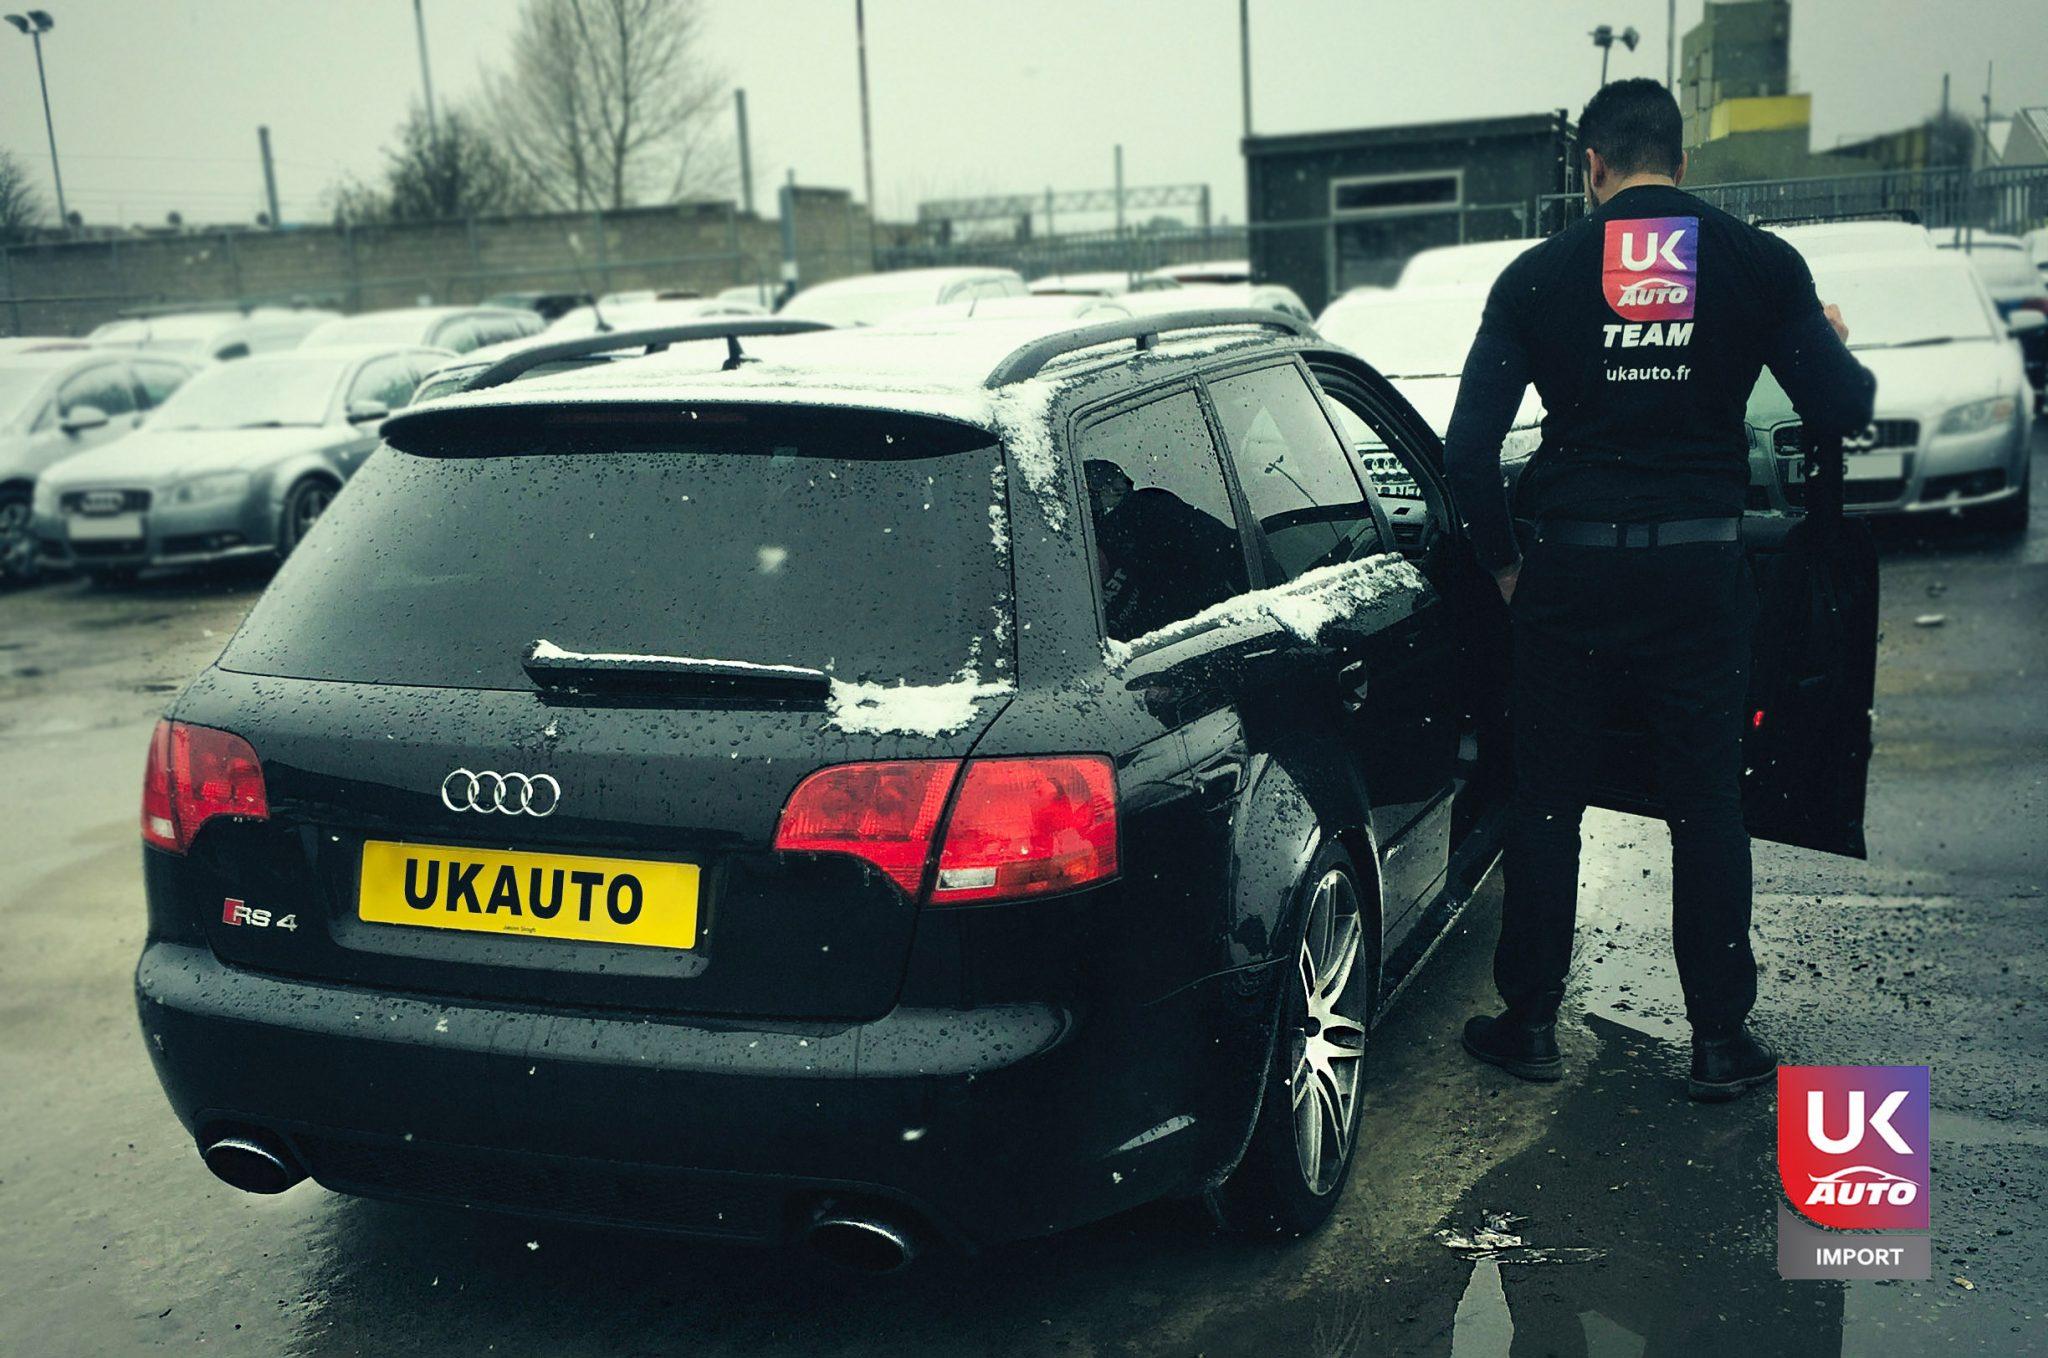 rs4 ukauto 1 - Felecitation a Notre client pour cette magnifique Audi RS4 RHD import auto par ukauto